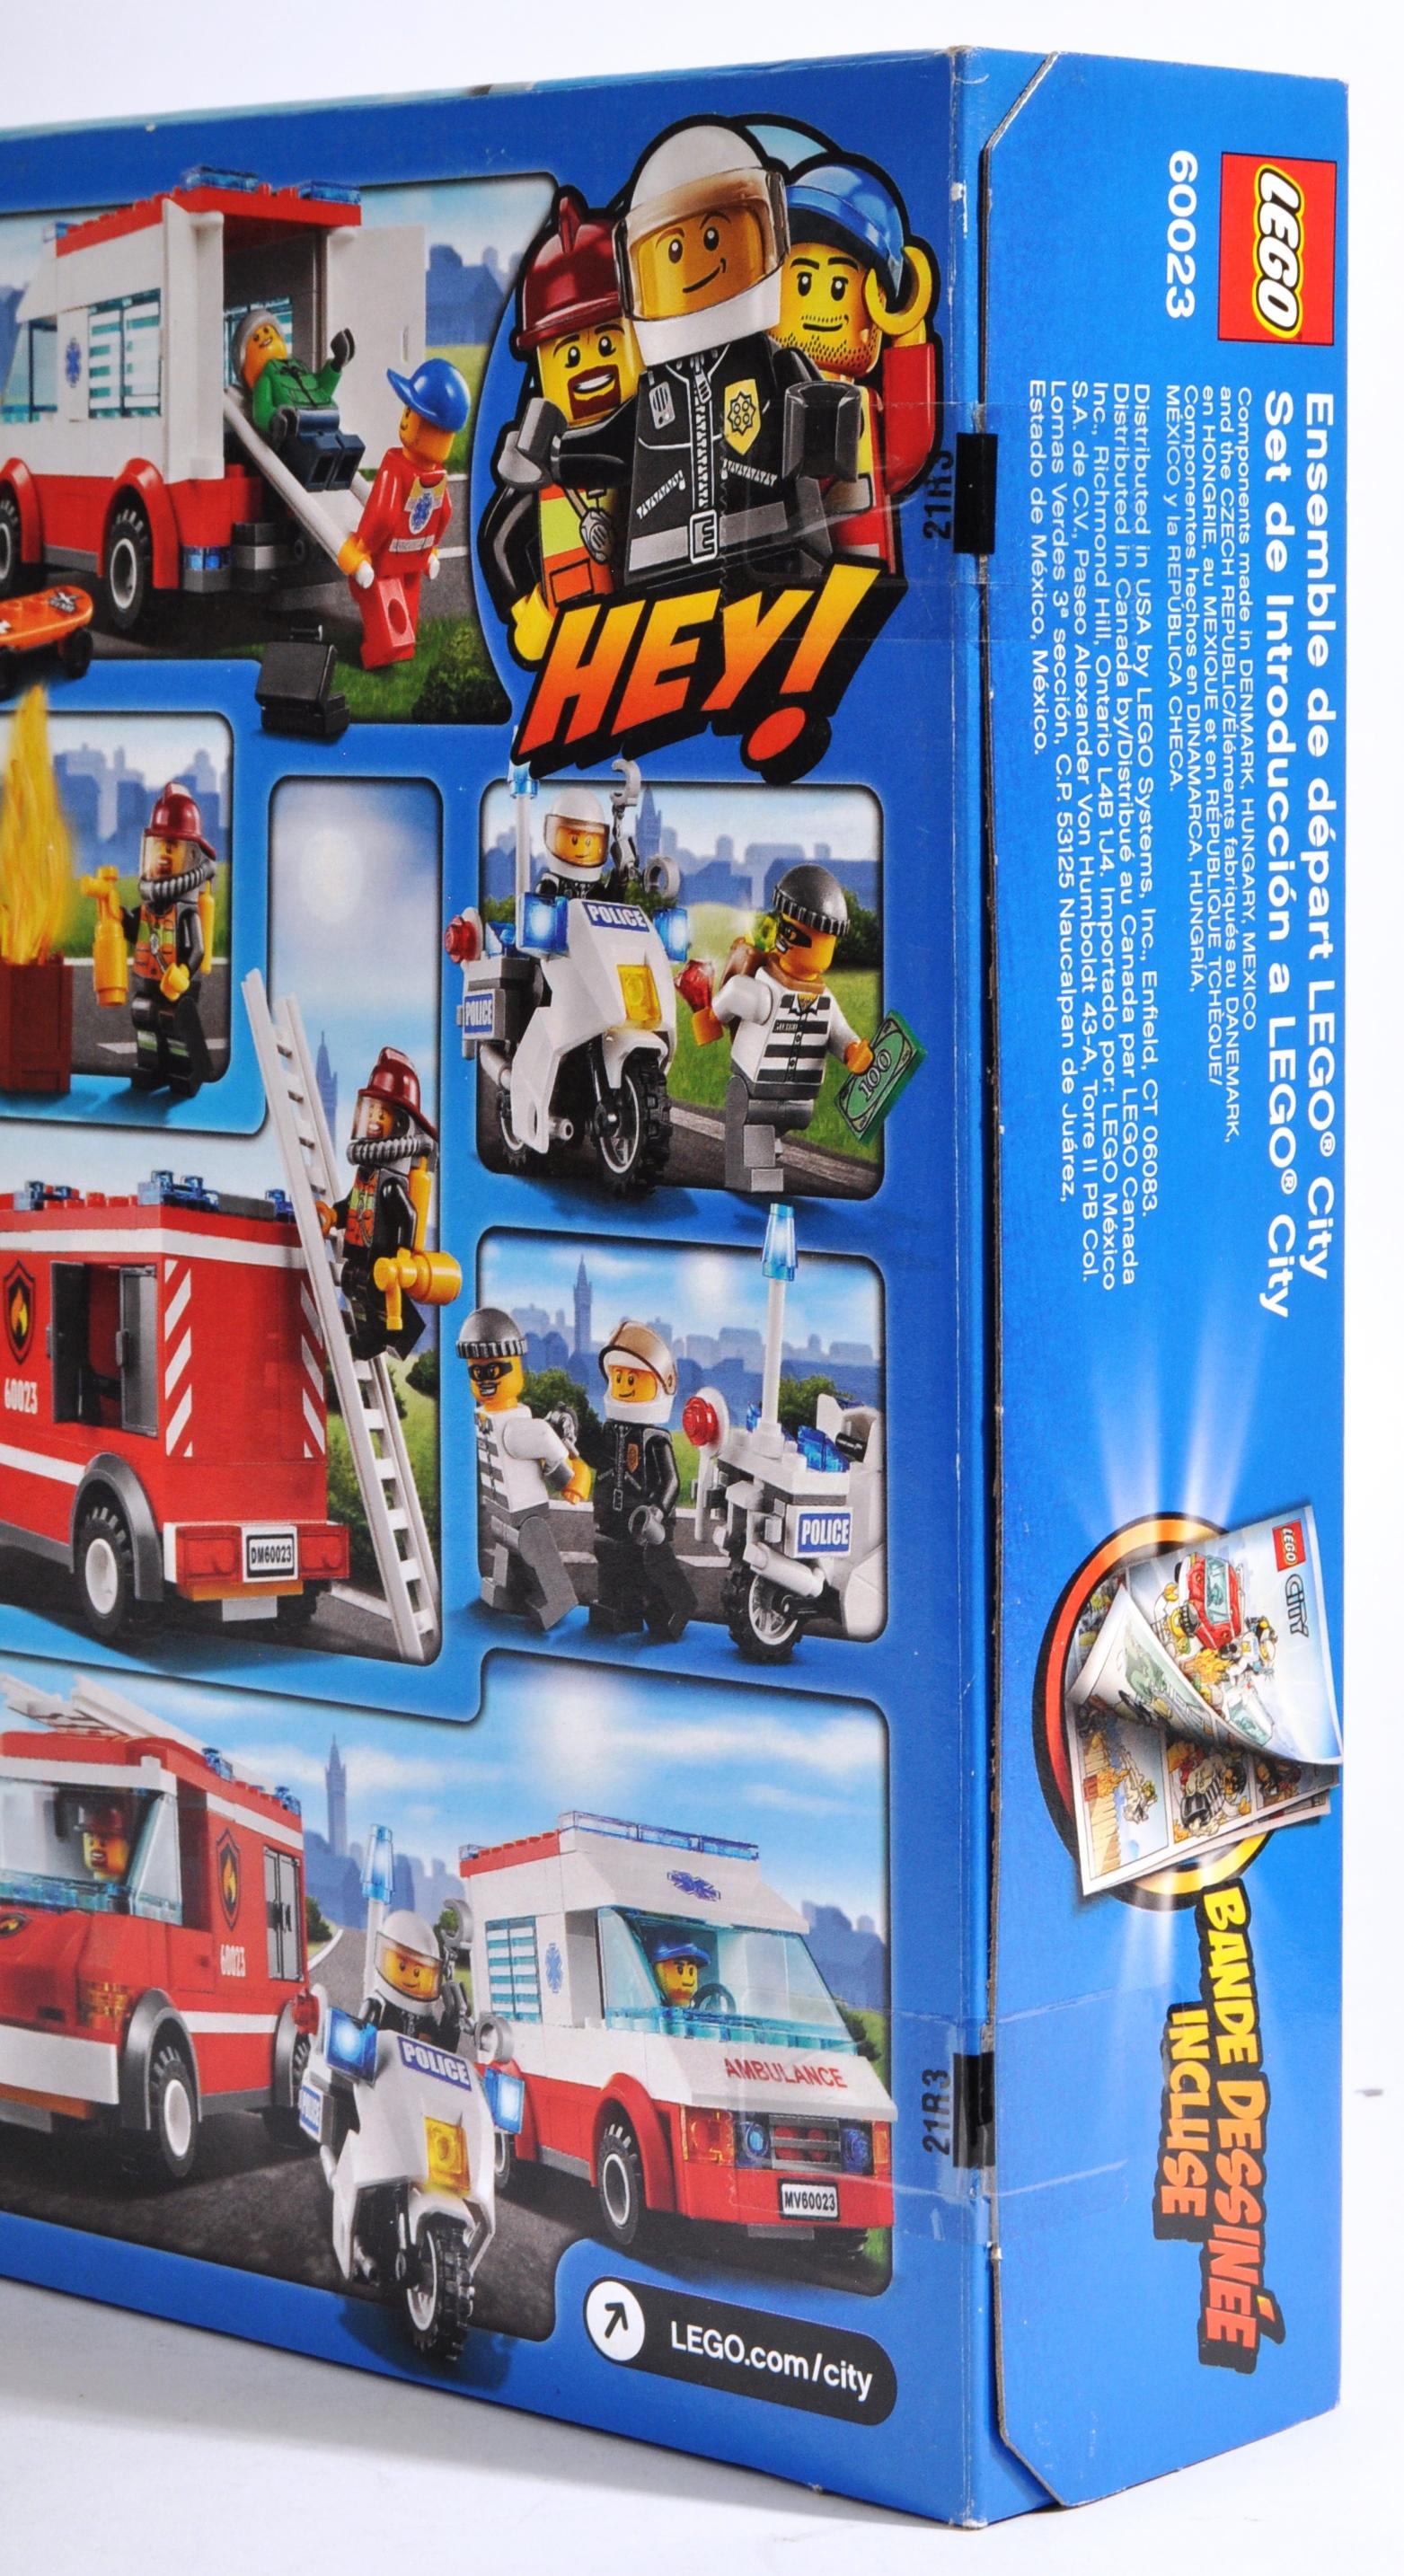 LEGO SETS - LEGO CITY - 60023 / 60056 / 60223 - Image 7 of 11